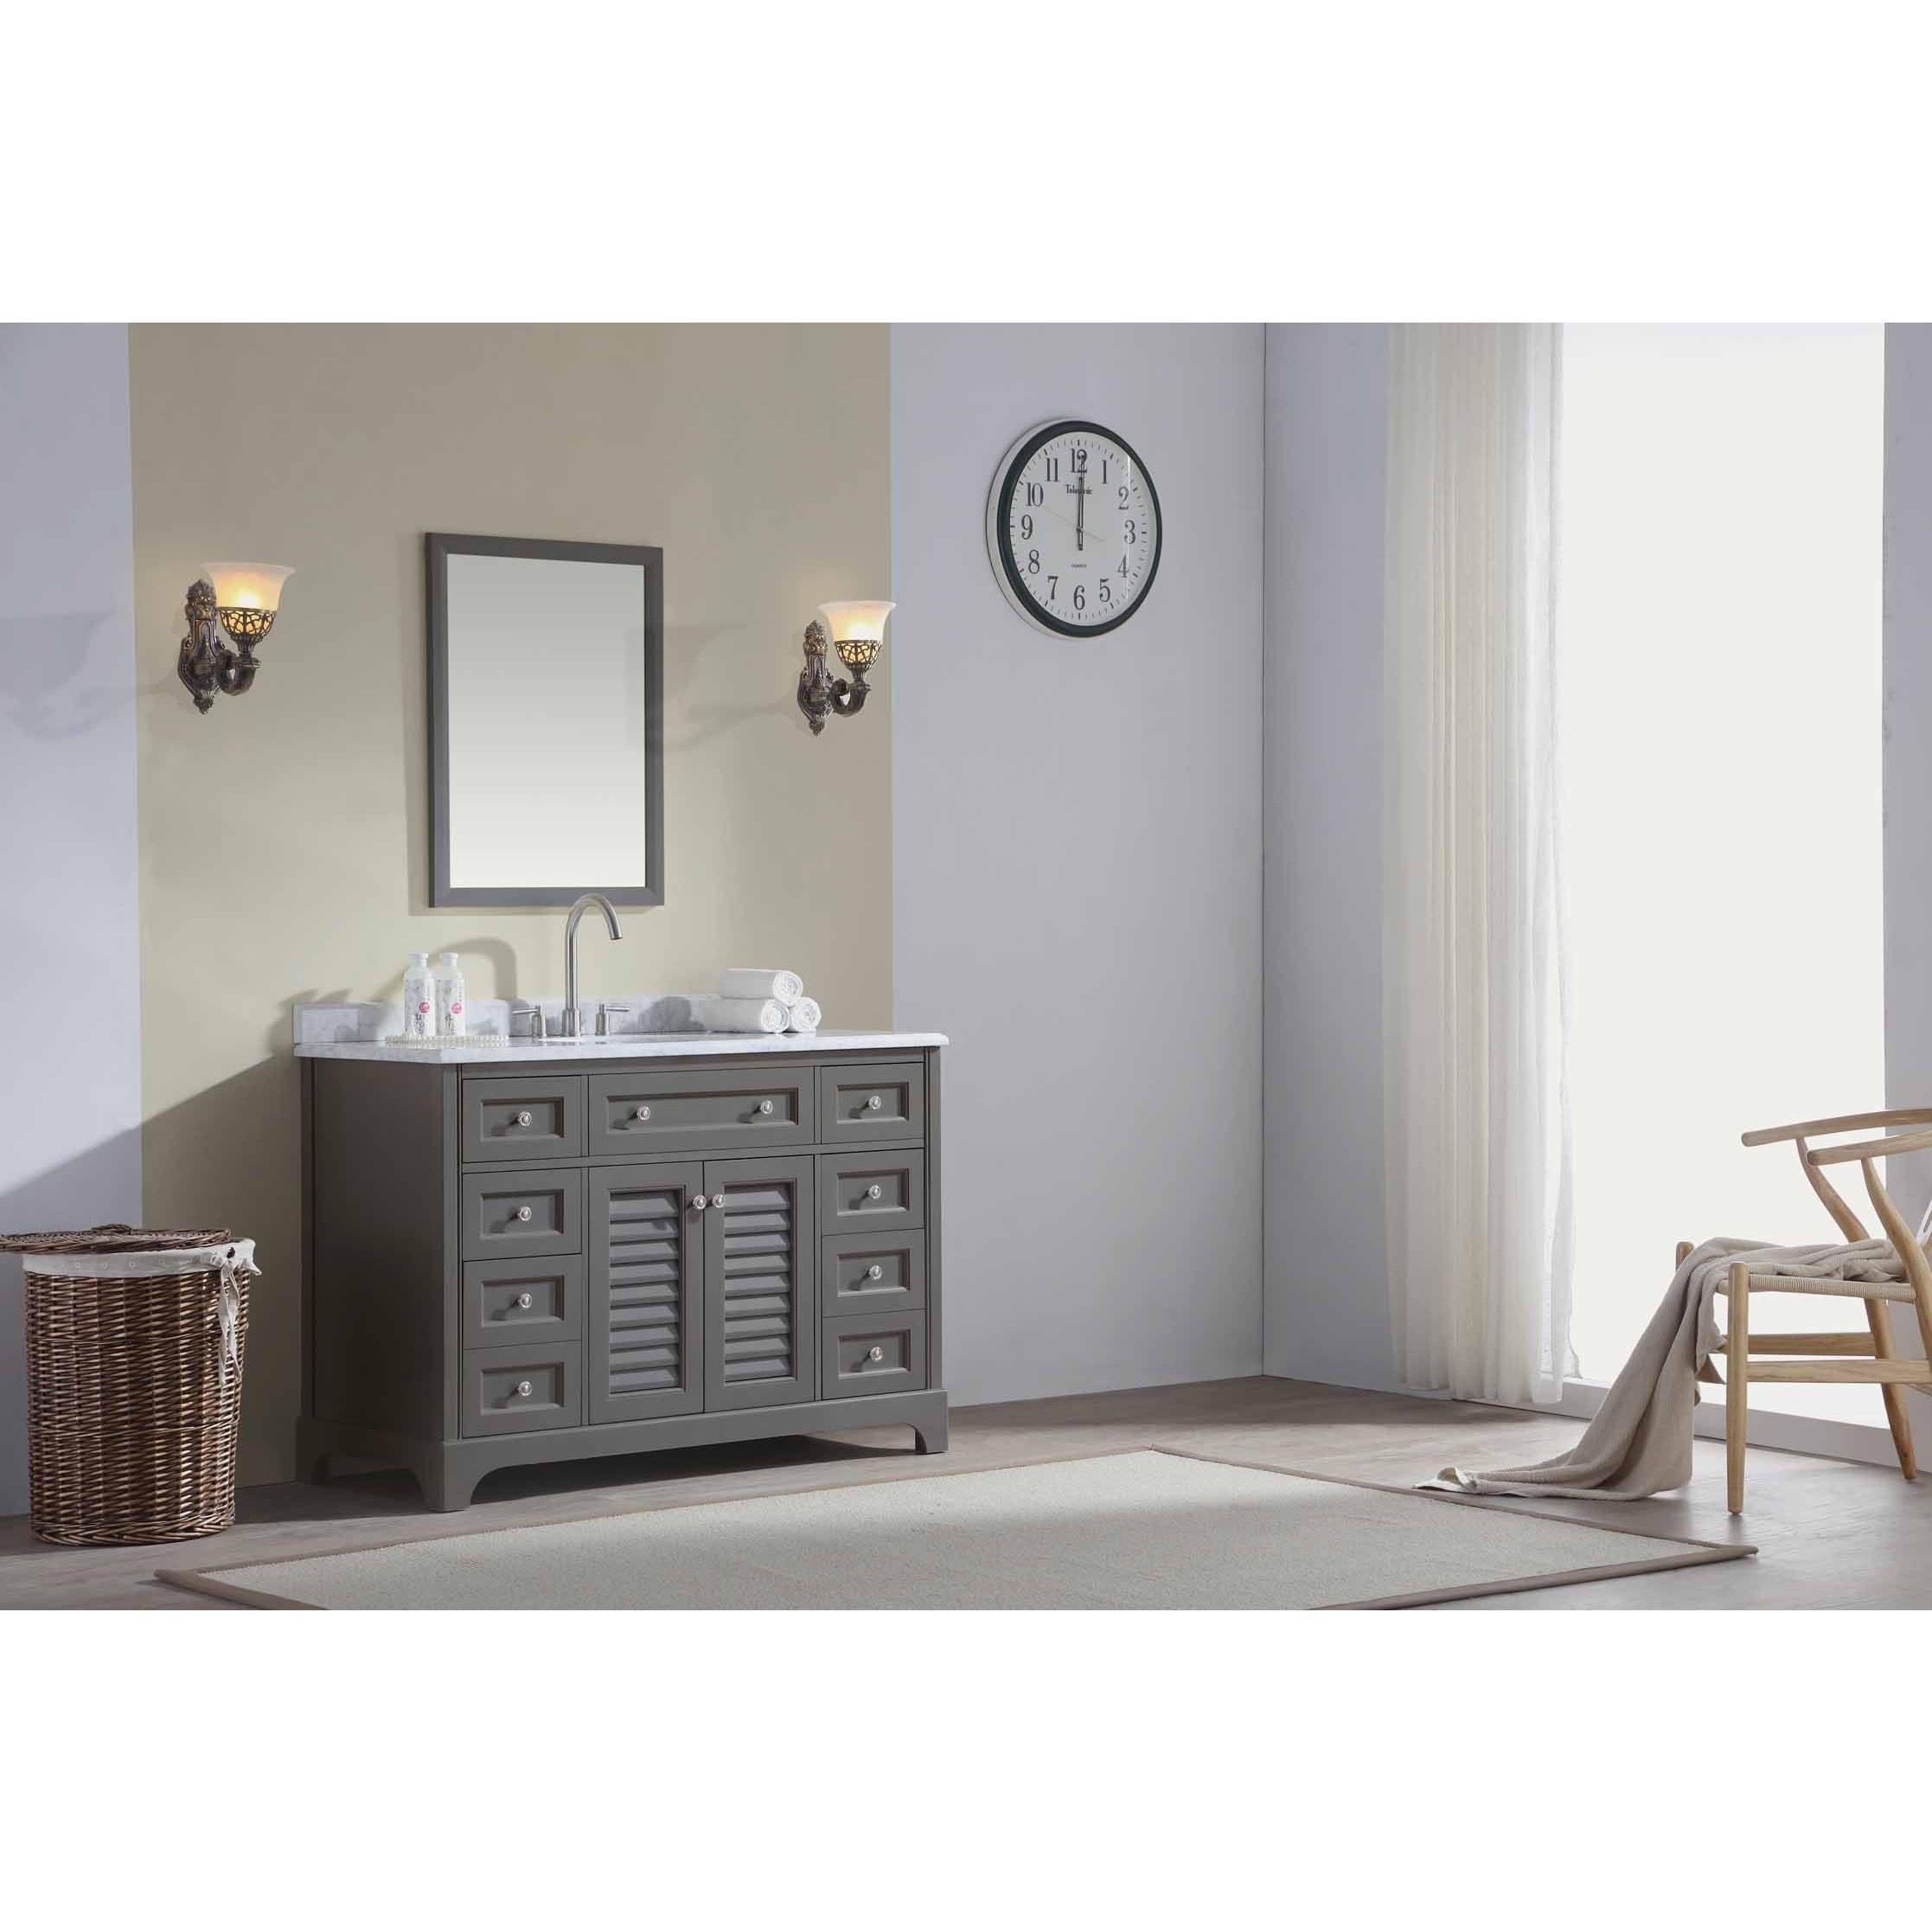 Ari Kitchen and Bath Madison 48-inch Single Bathroom Vanity Set